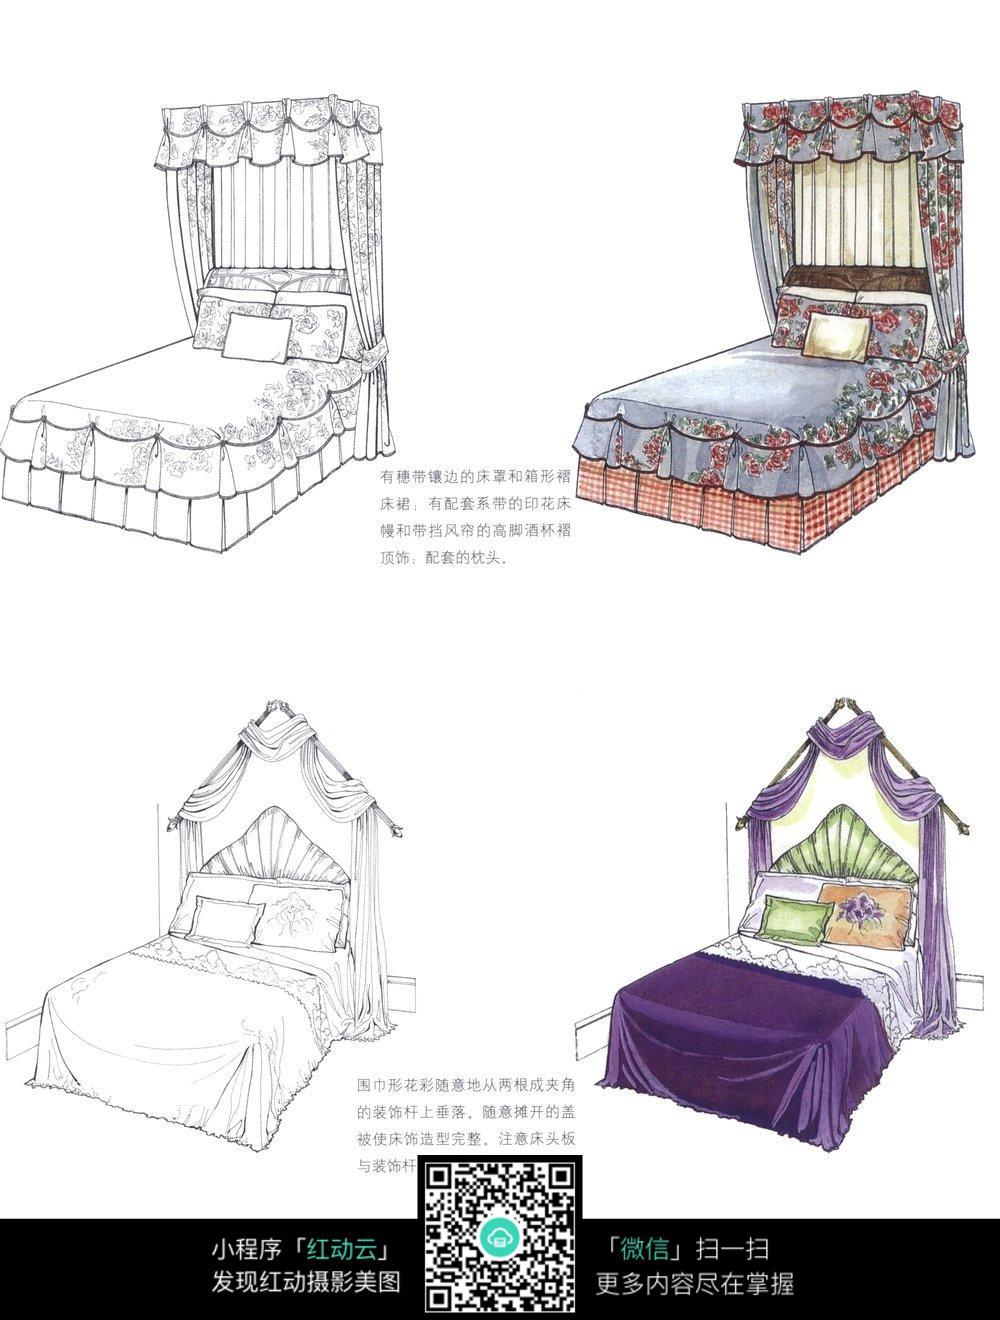 床饰设计手绘图_家具电器图片